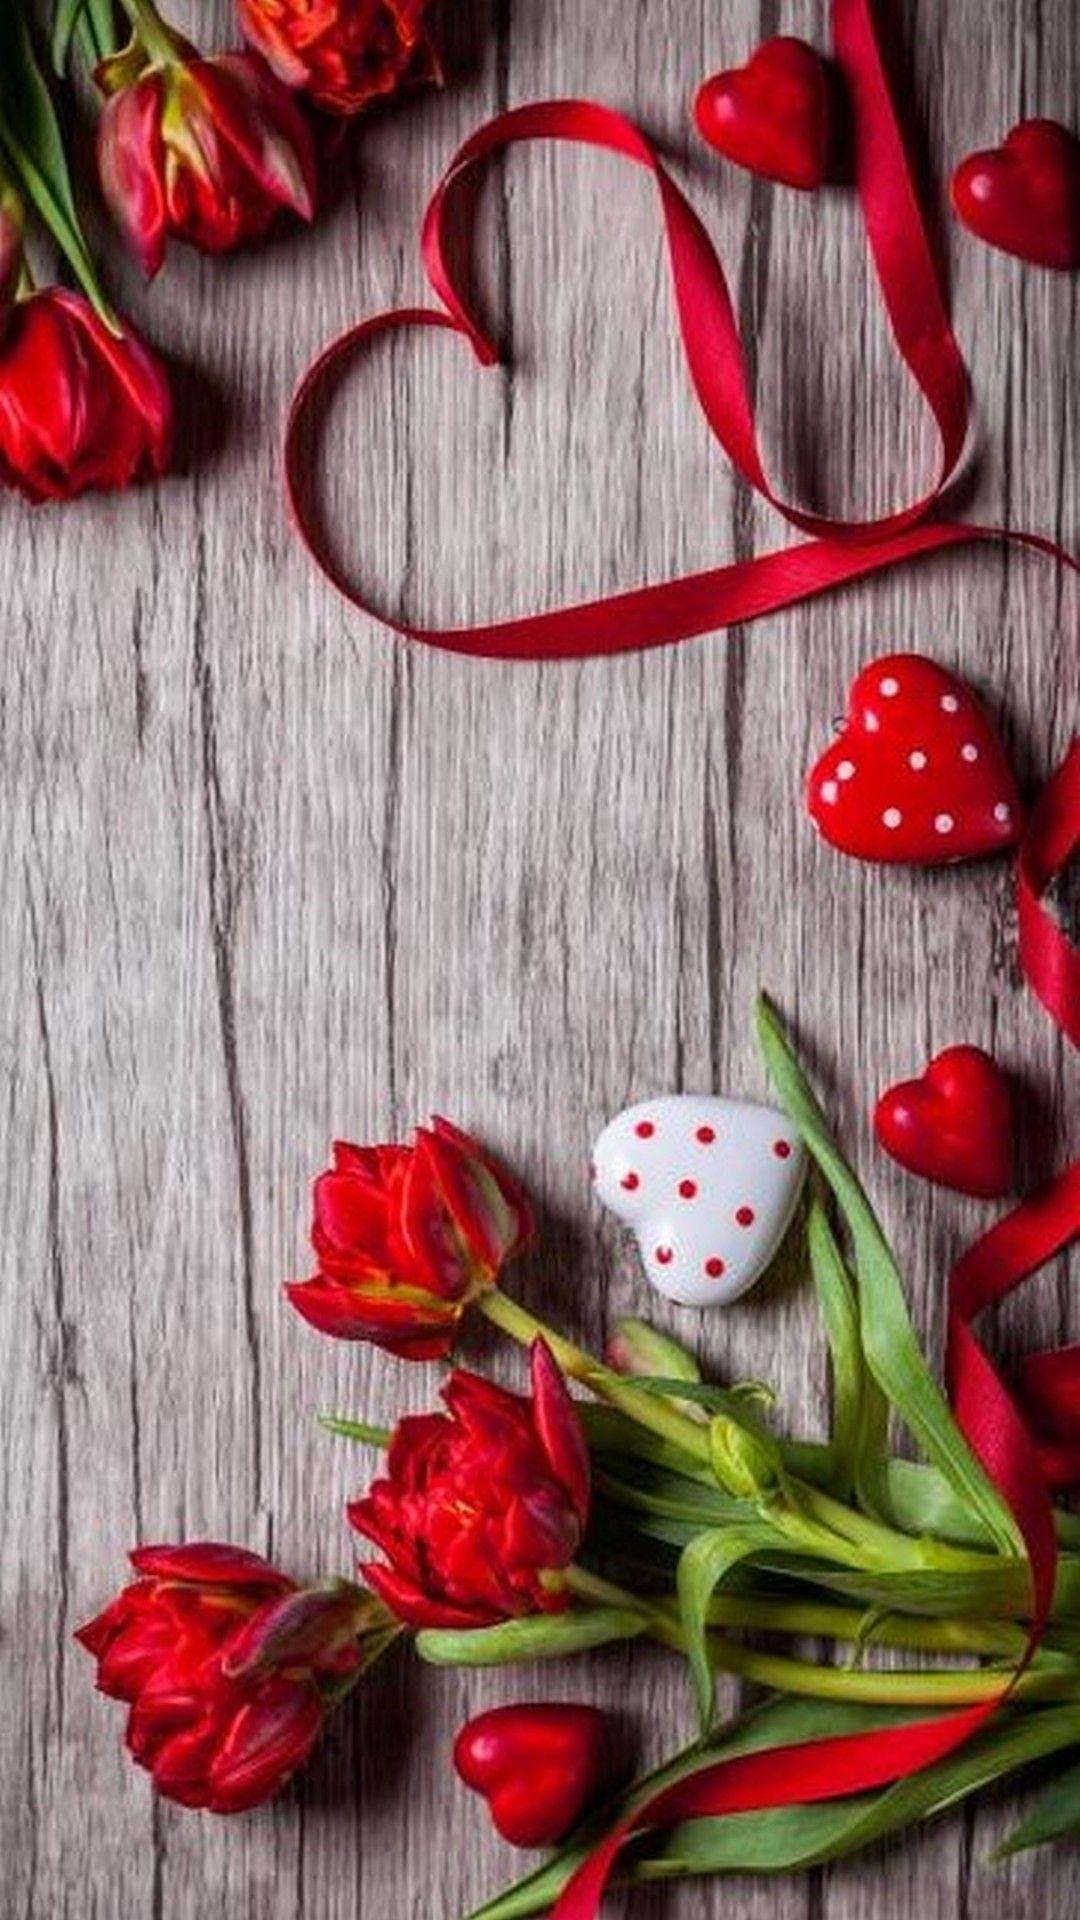 Cute Flower Iphone Wallpaper Hd Heart Iphone Wallpaper Flower